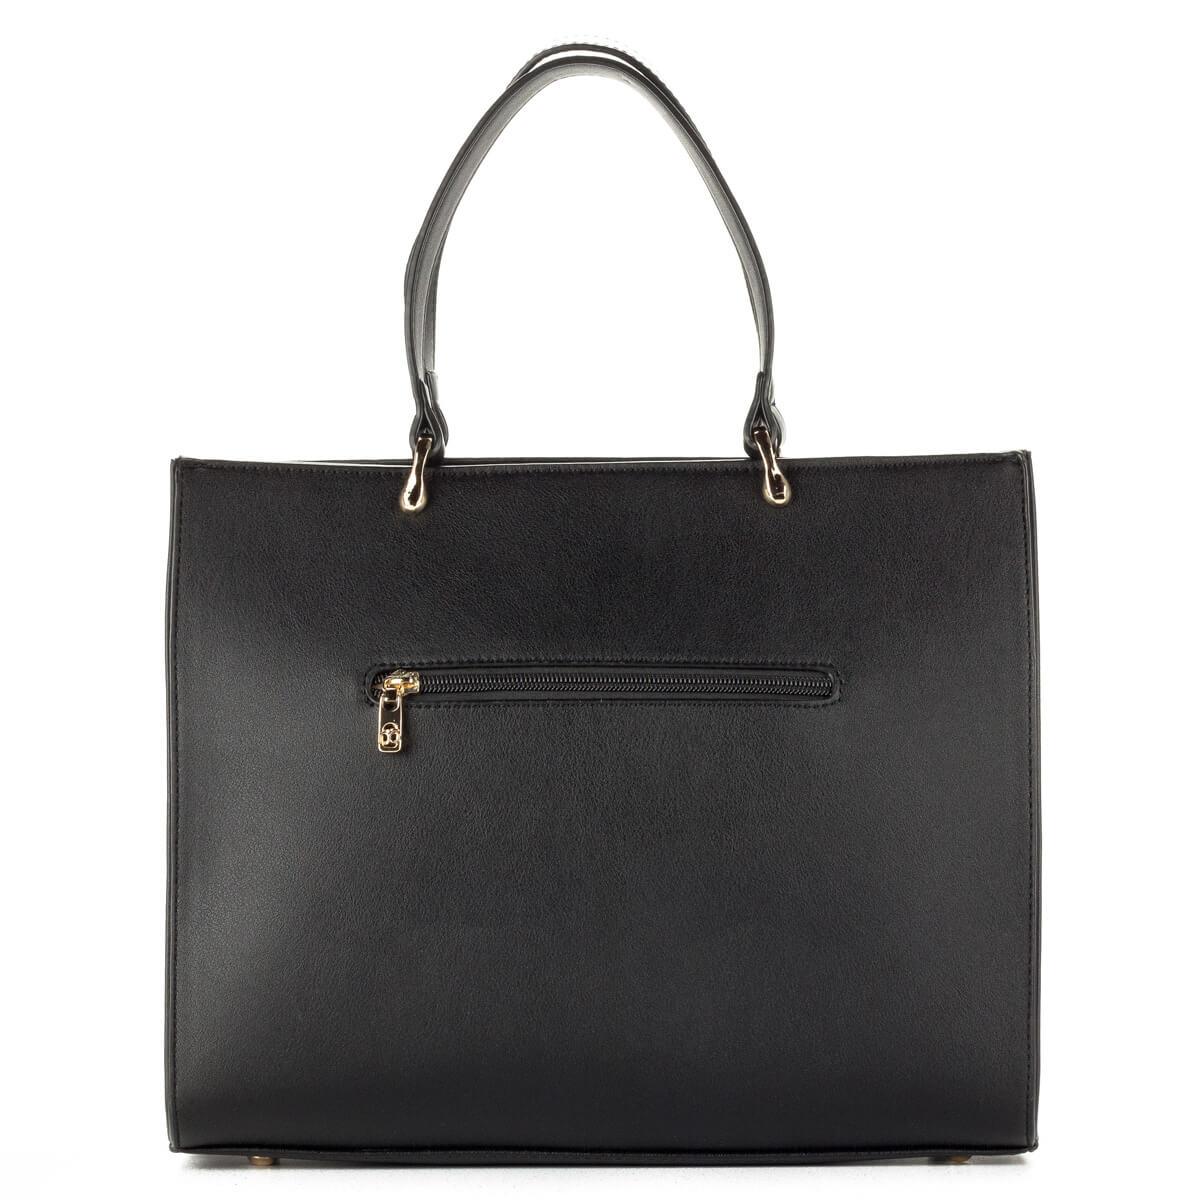 Fekete Nobo táska egybefüggő belső térrel 9411dc3765